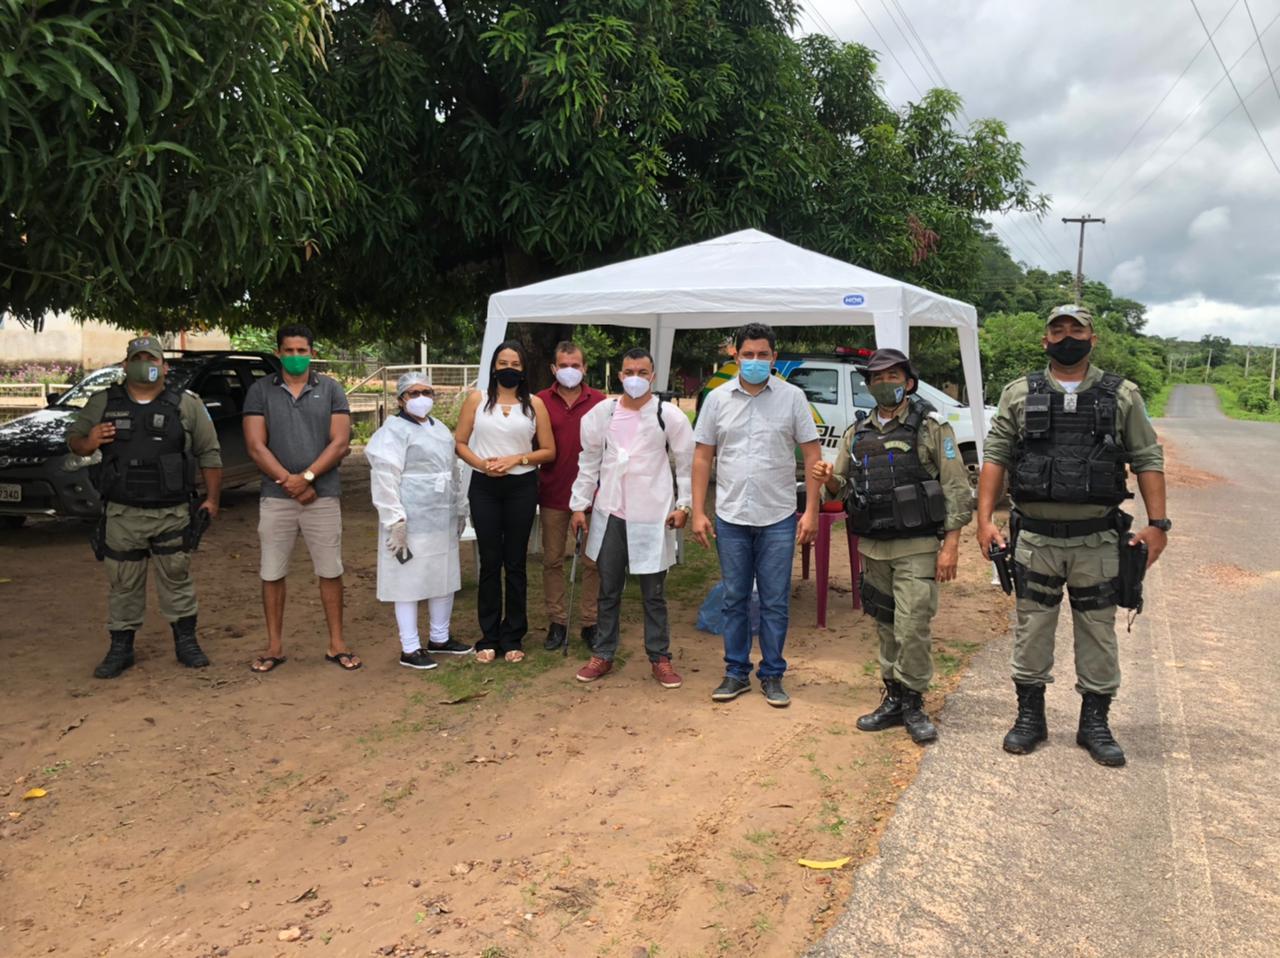 A implantação das barreiras é uma ação da Secretaria de Saúde, Vigilância Sanitária e com apoio da Polícia Militar - Foto: Divulgação